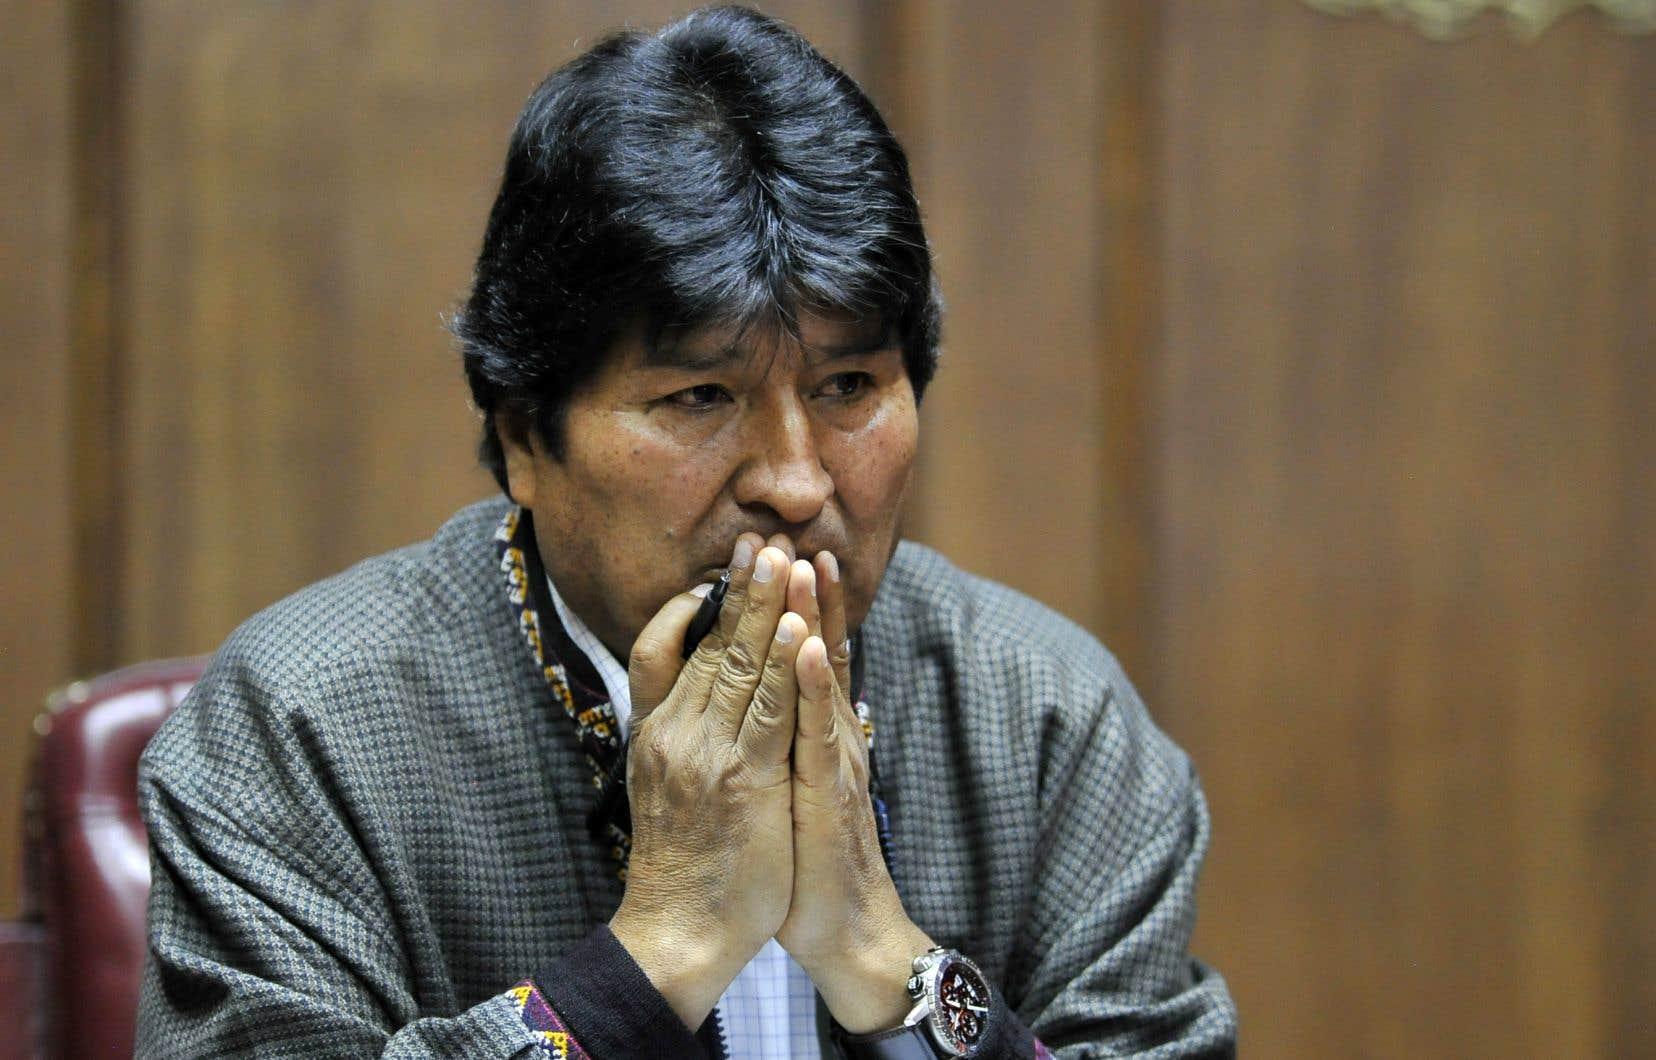 Evo Morales (2006-2019) est sous le coup, depuis le 18 décembre, d'un mandat d'arrêt émis par le parquet bolivien, dans le cadre d'une enquête pour sédition et terrorisme.